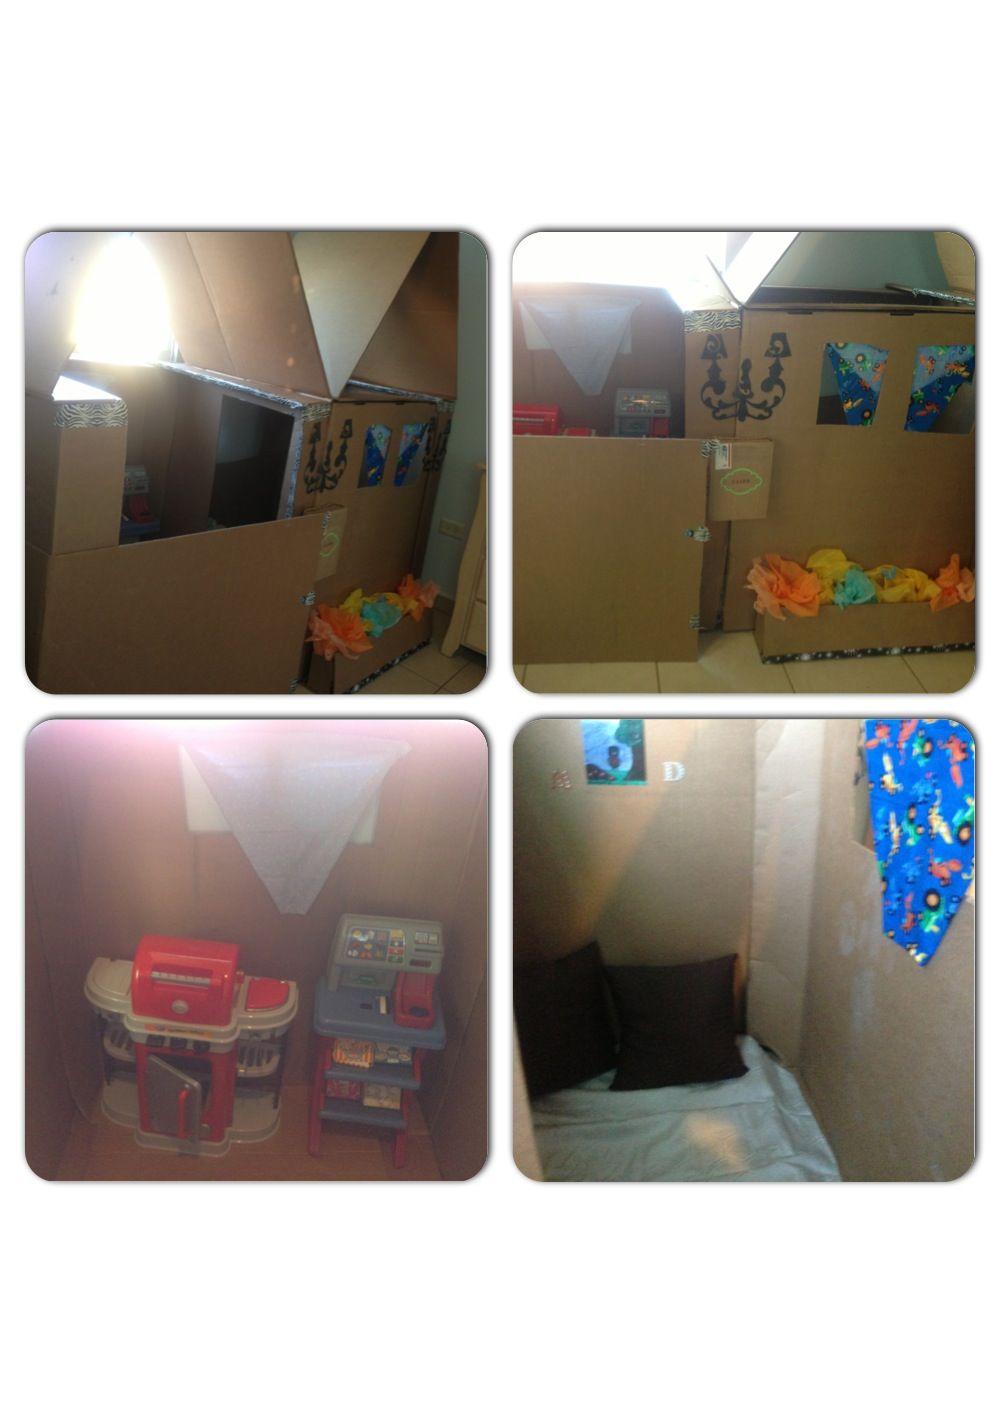 Cardboard house for kids. Casa de cartón para niños.